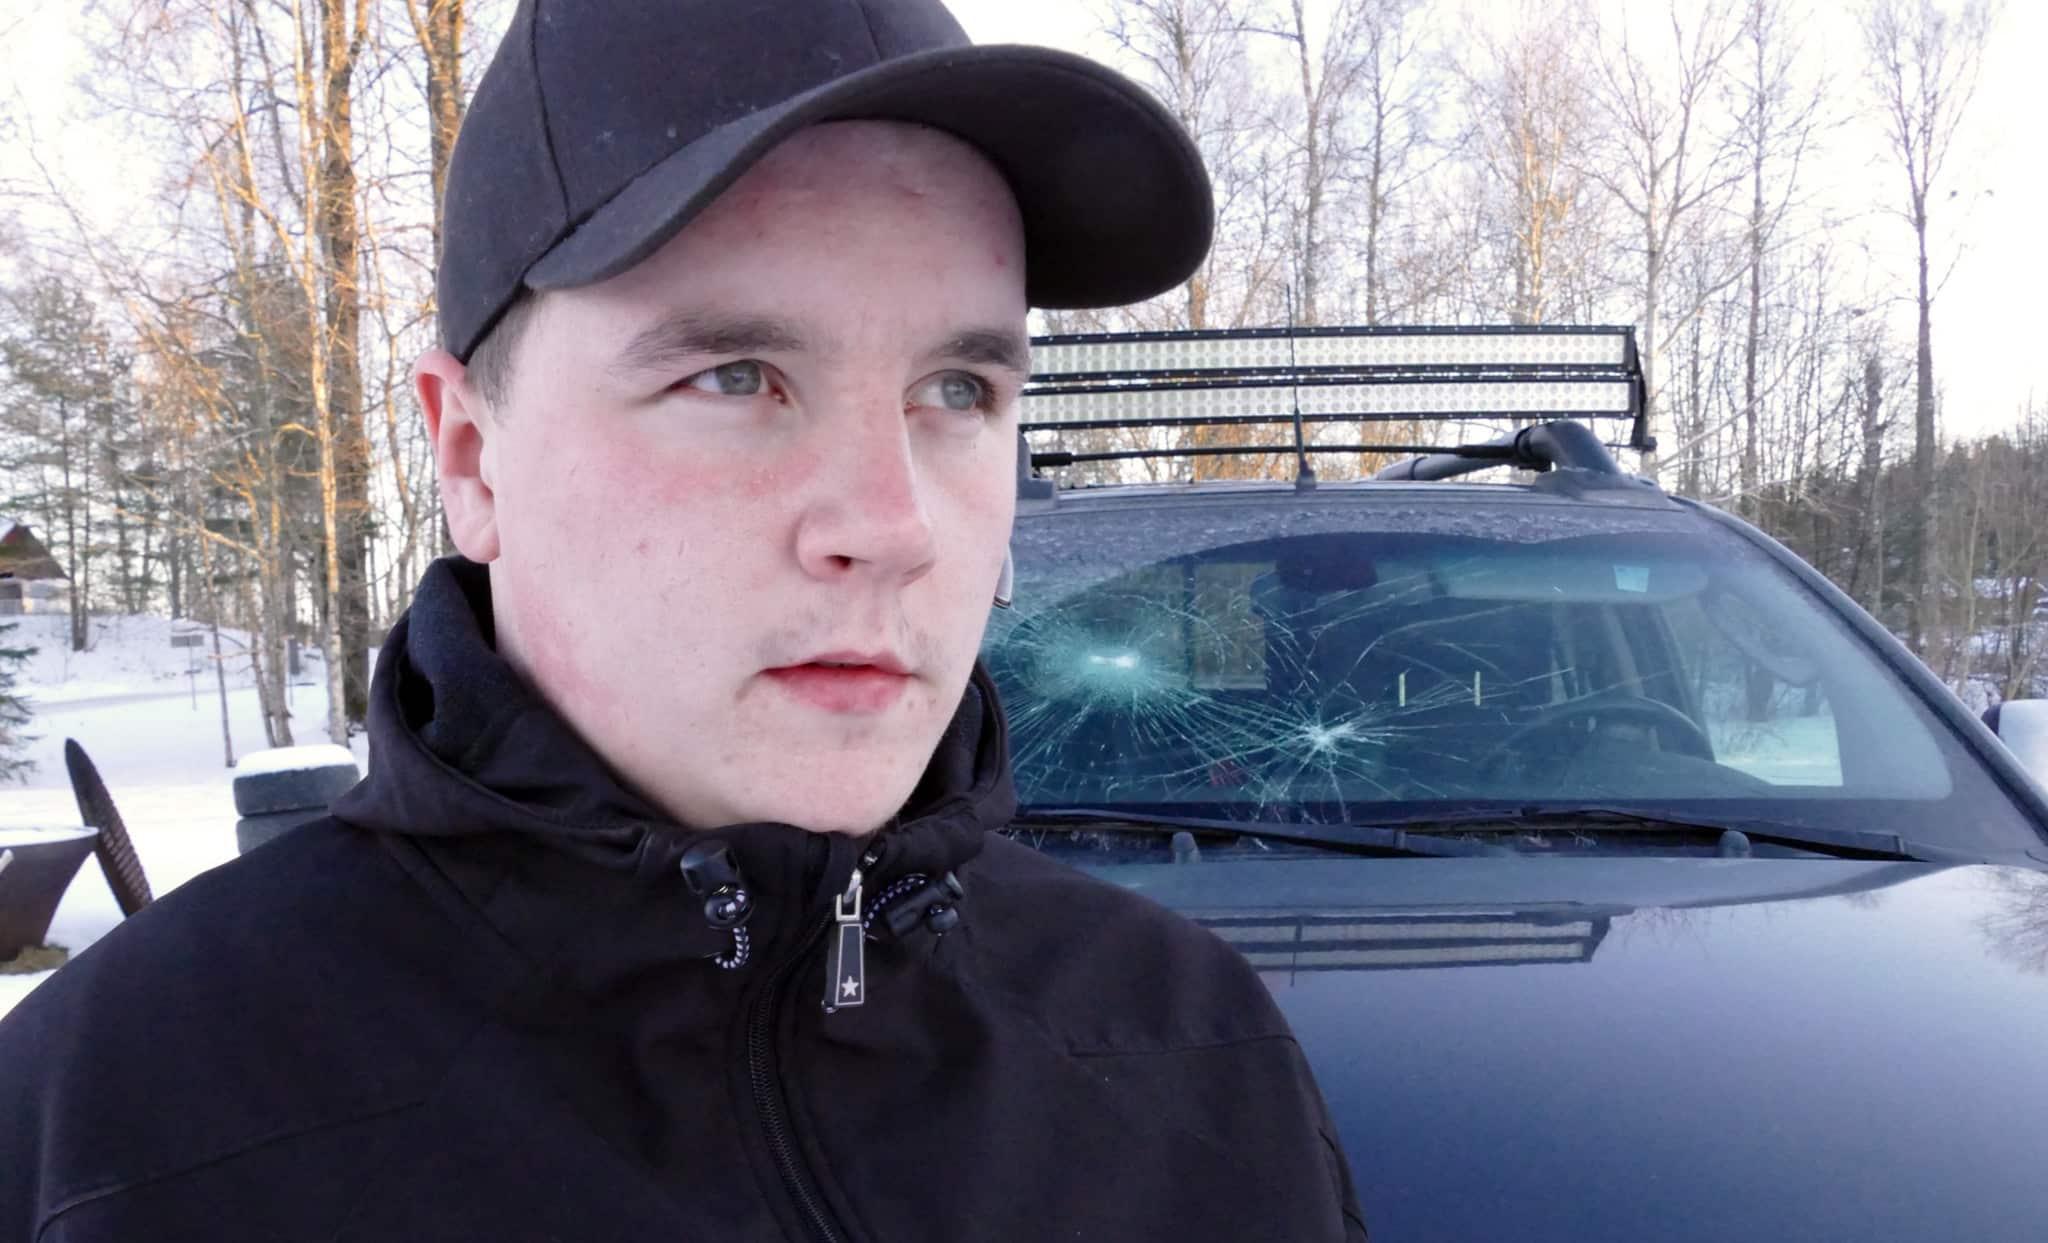 Naturskyddsföreningen anser att de hot som drabbat eftersöksjägaren Mattias Heed är oacceptabla. Foto: Boo Westlund